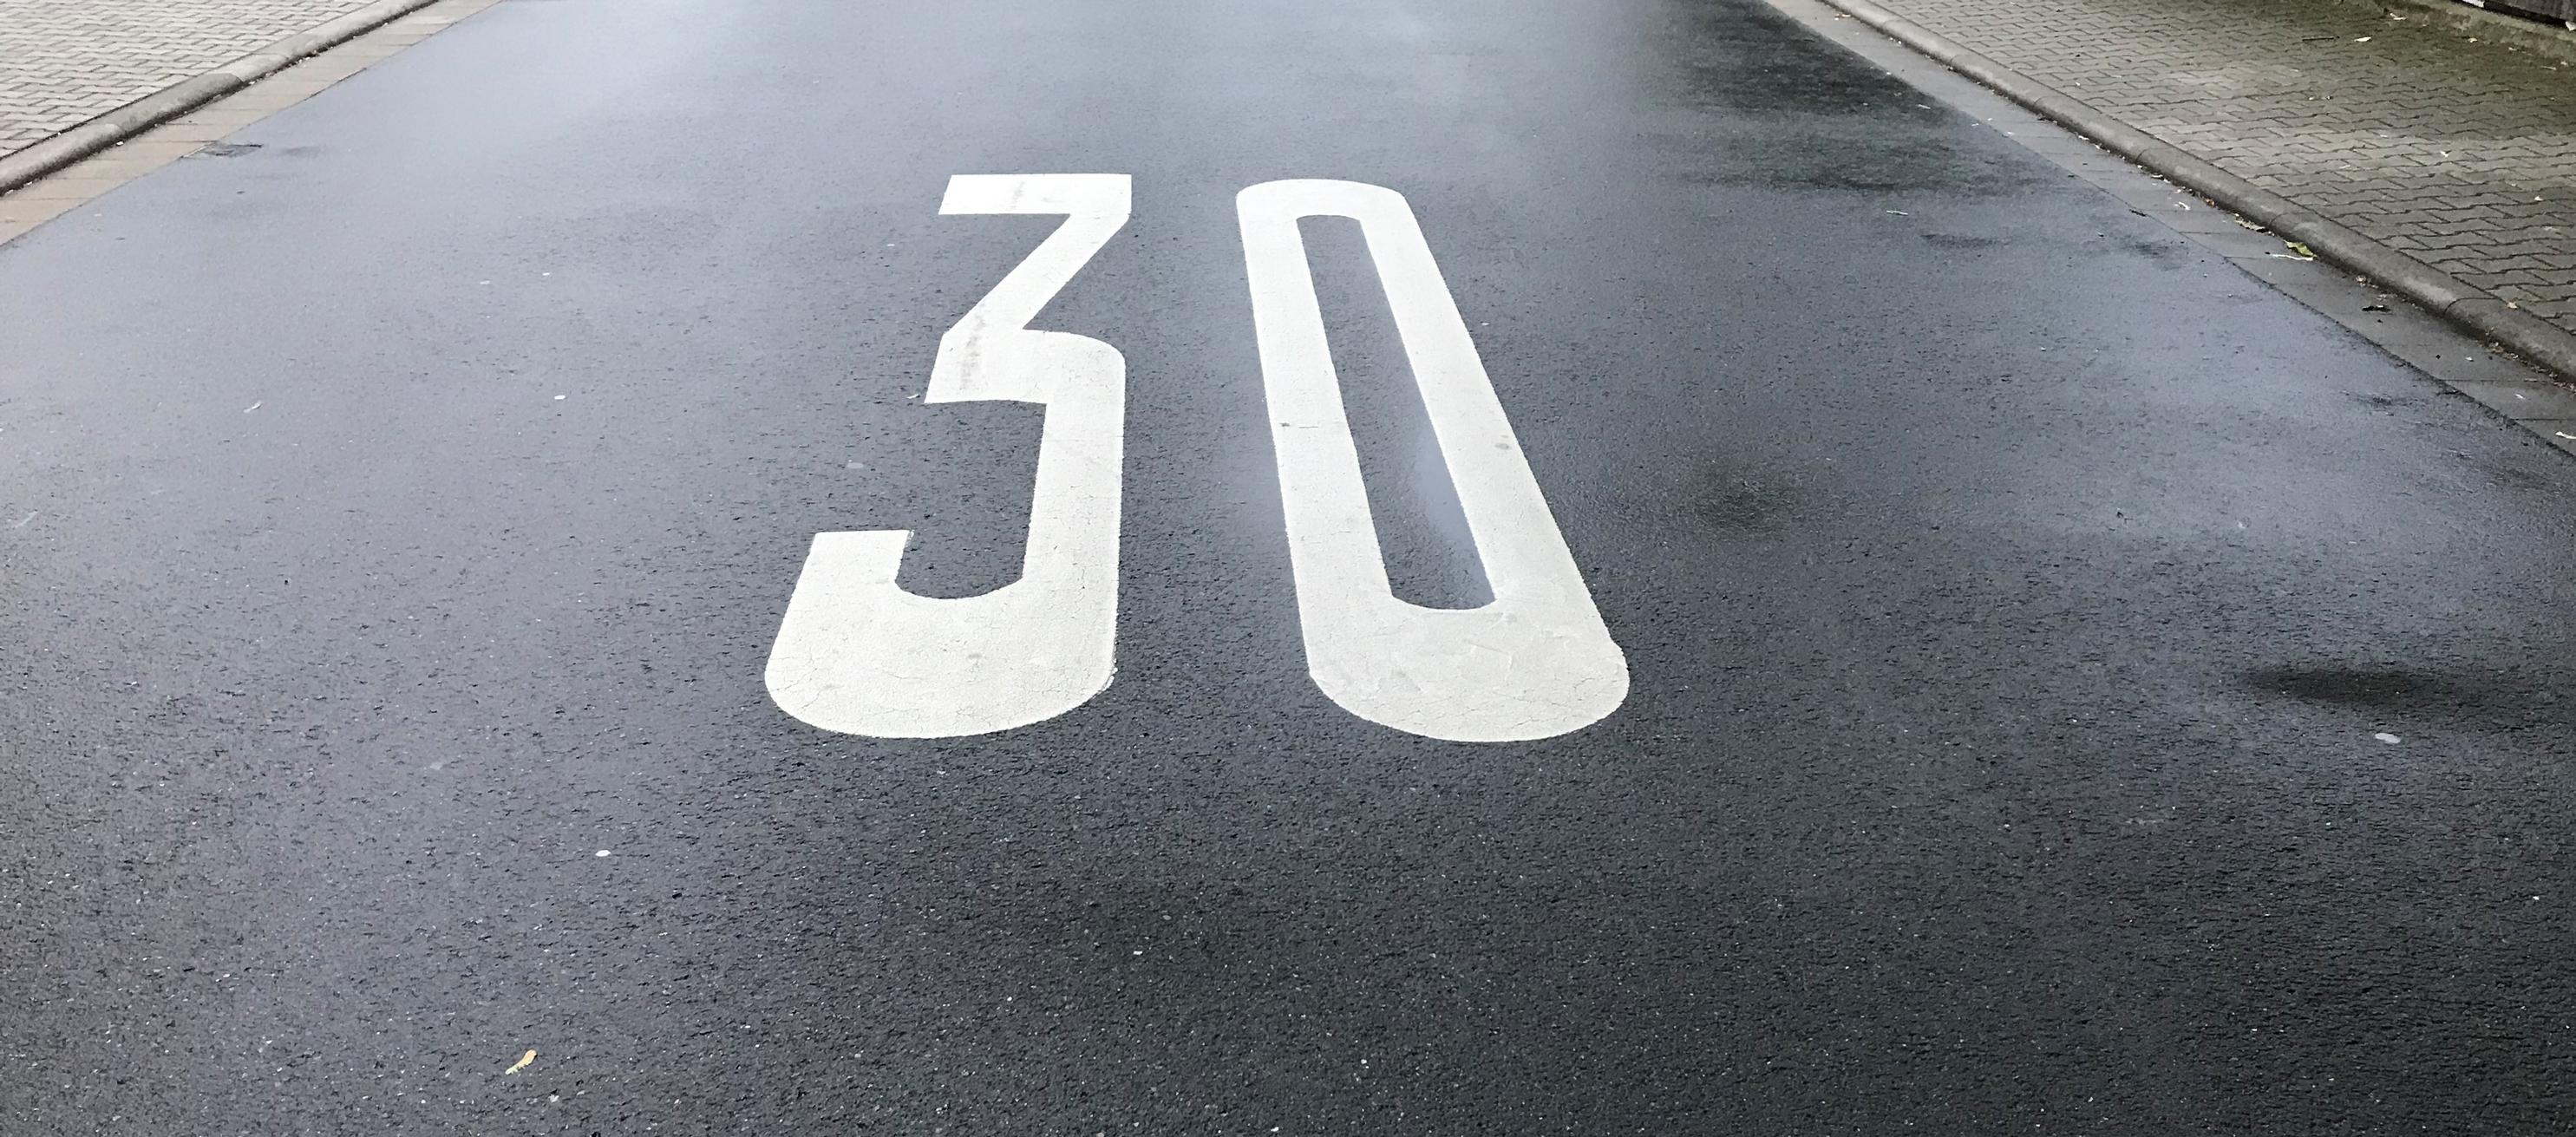 Helfen weitere Markierungen auf den Straßen - wie hier im Alten Lorscher Weg?